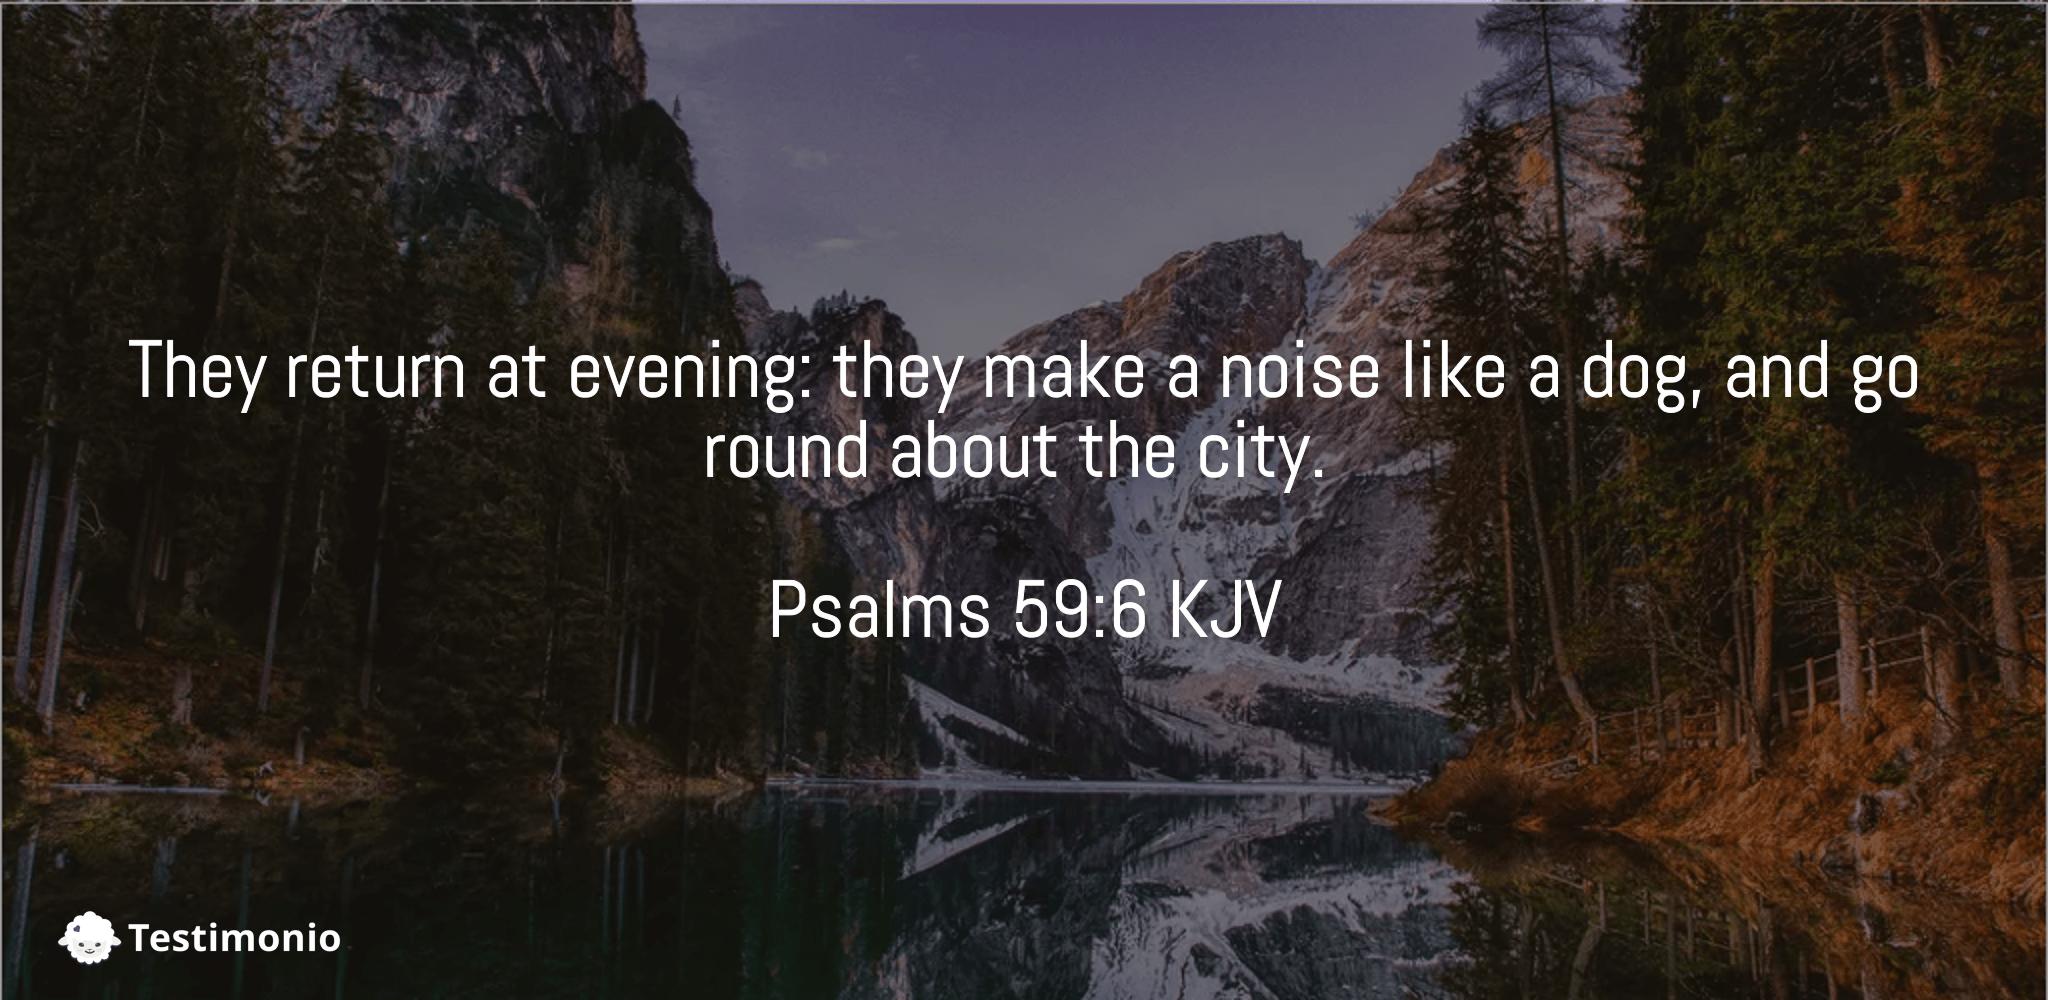 Psalms 59:6